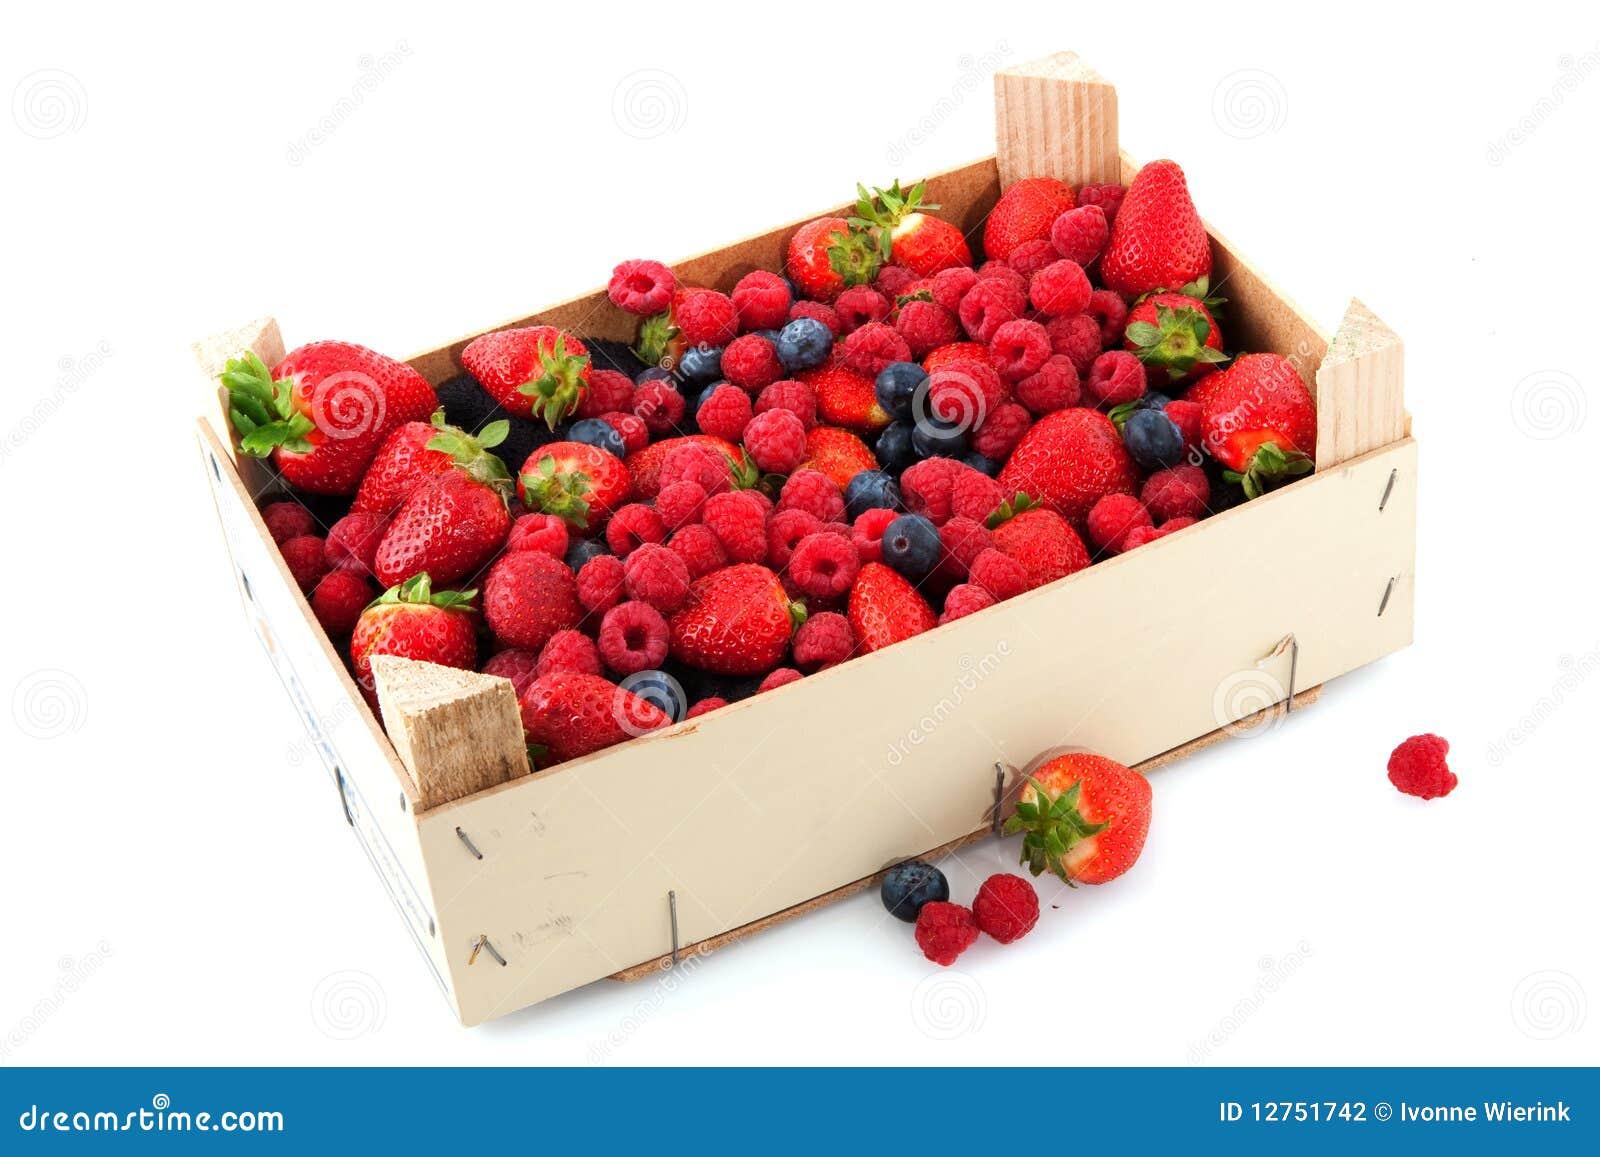 Krat met een diversiteit van vers fruit stock fotografie afbeelding 12751742 - Krat met appel ...